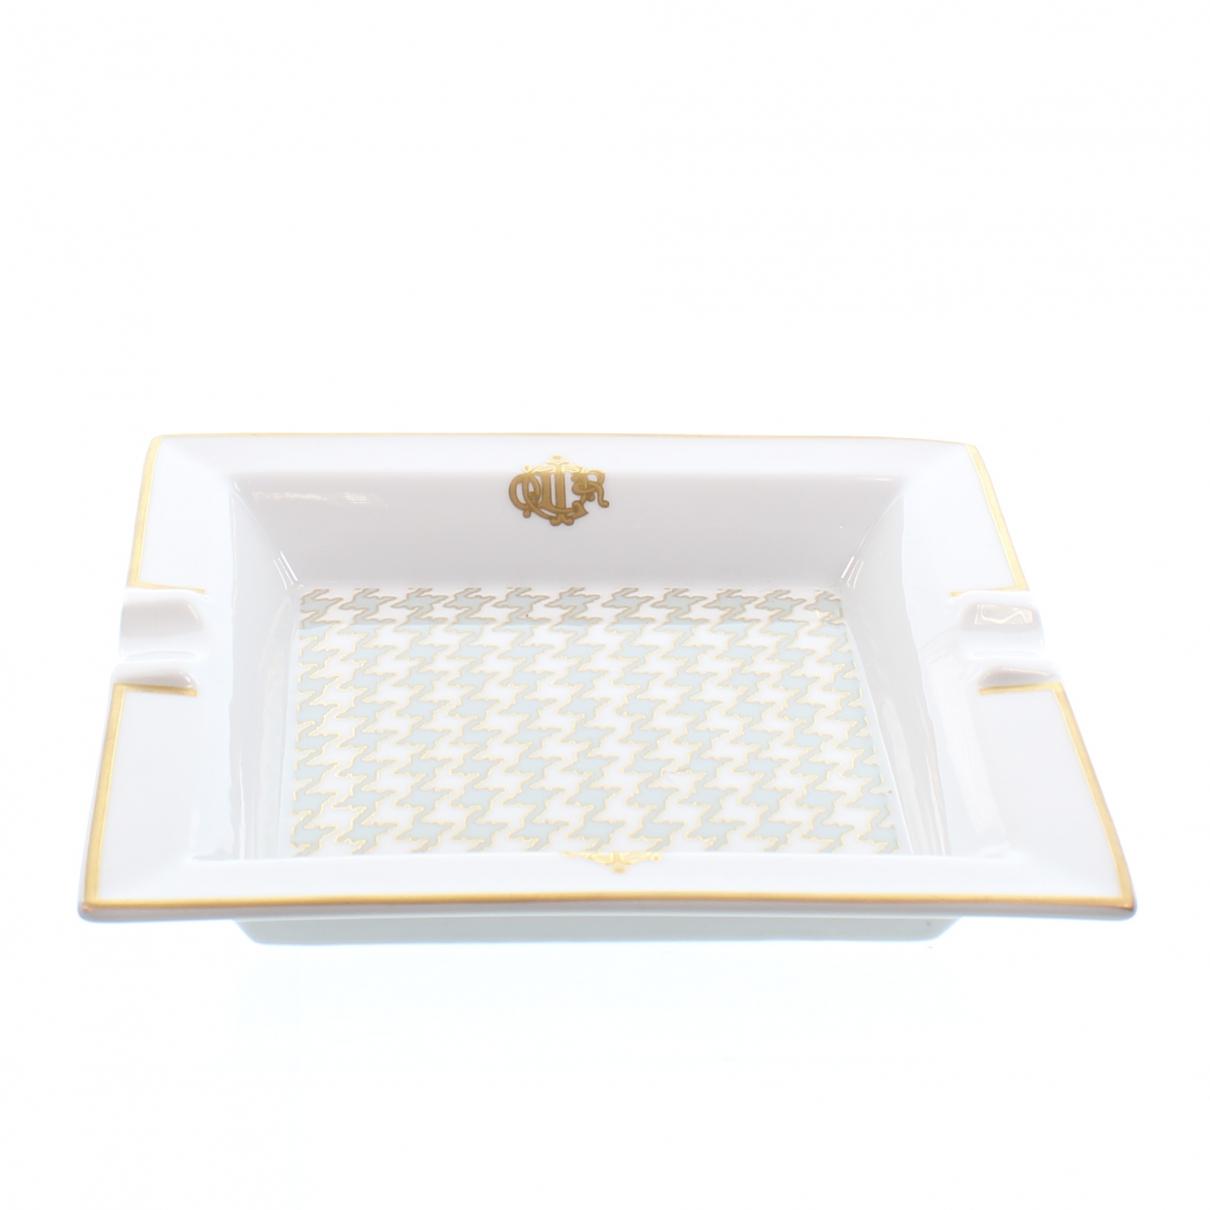 Dior - Mobilier   pour lifestyle en porcelaine - blanc